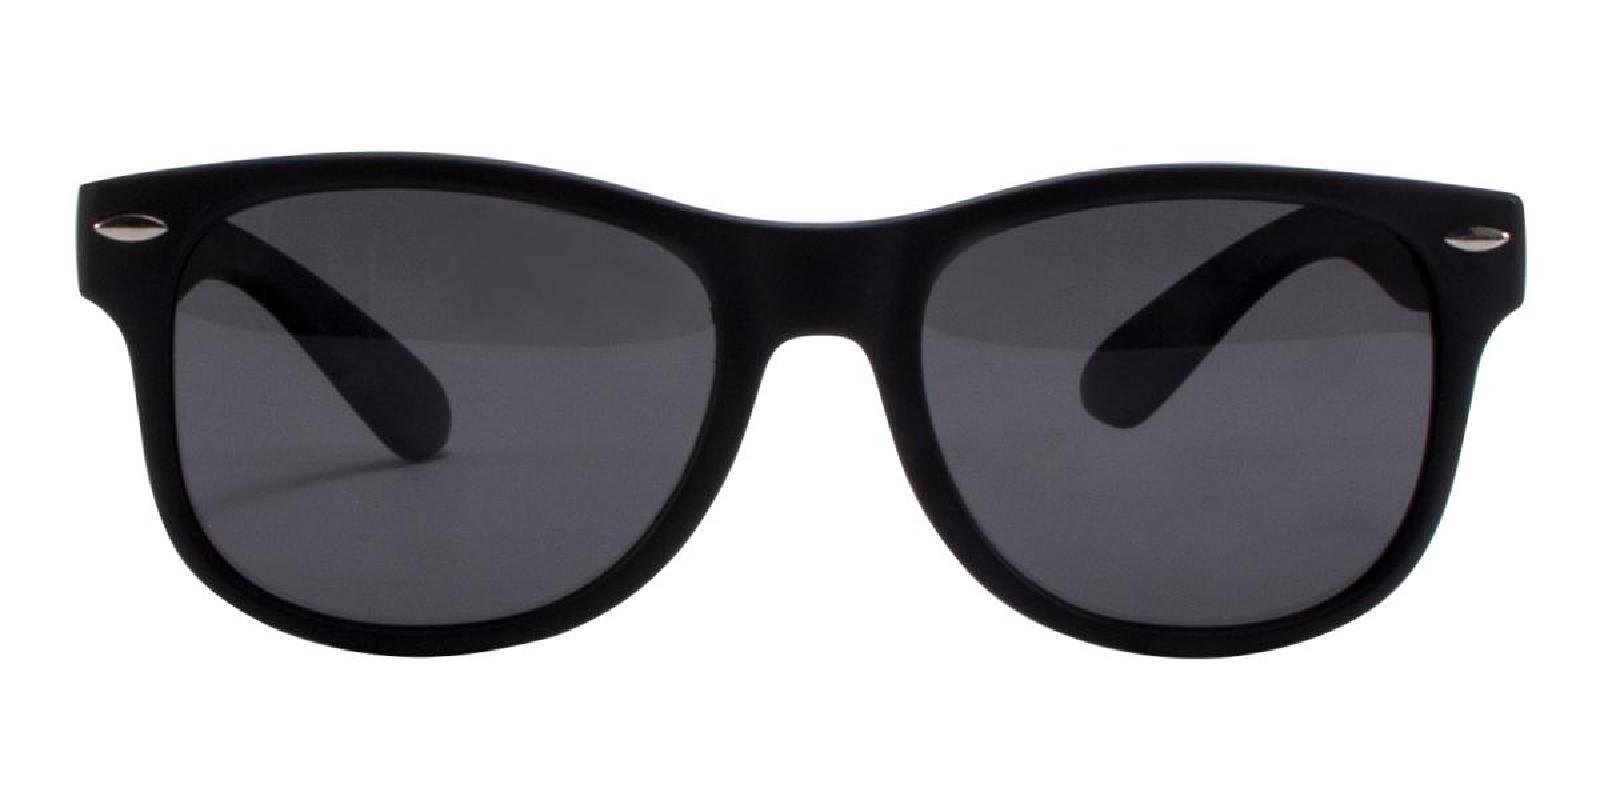 Minions-Black-Square-TR-Sunglasses-additional2